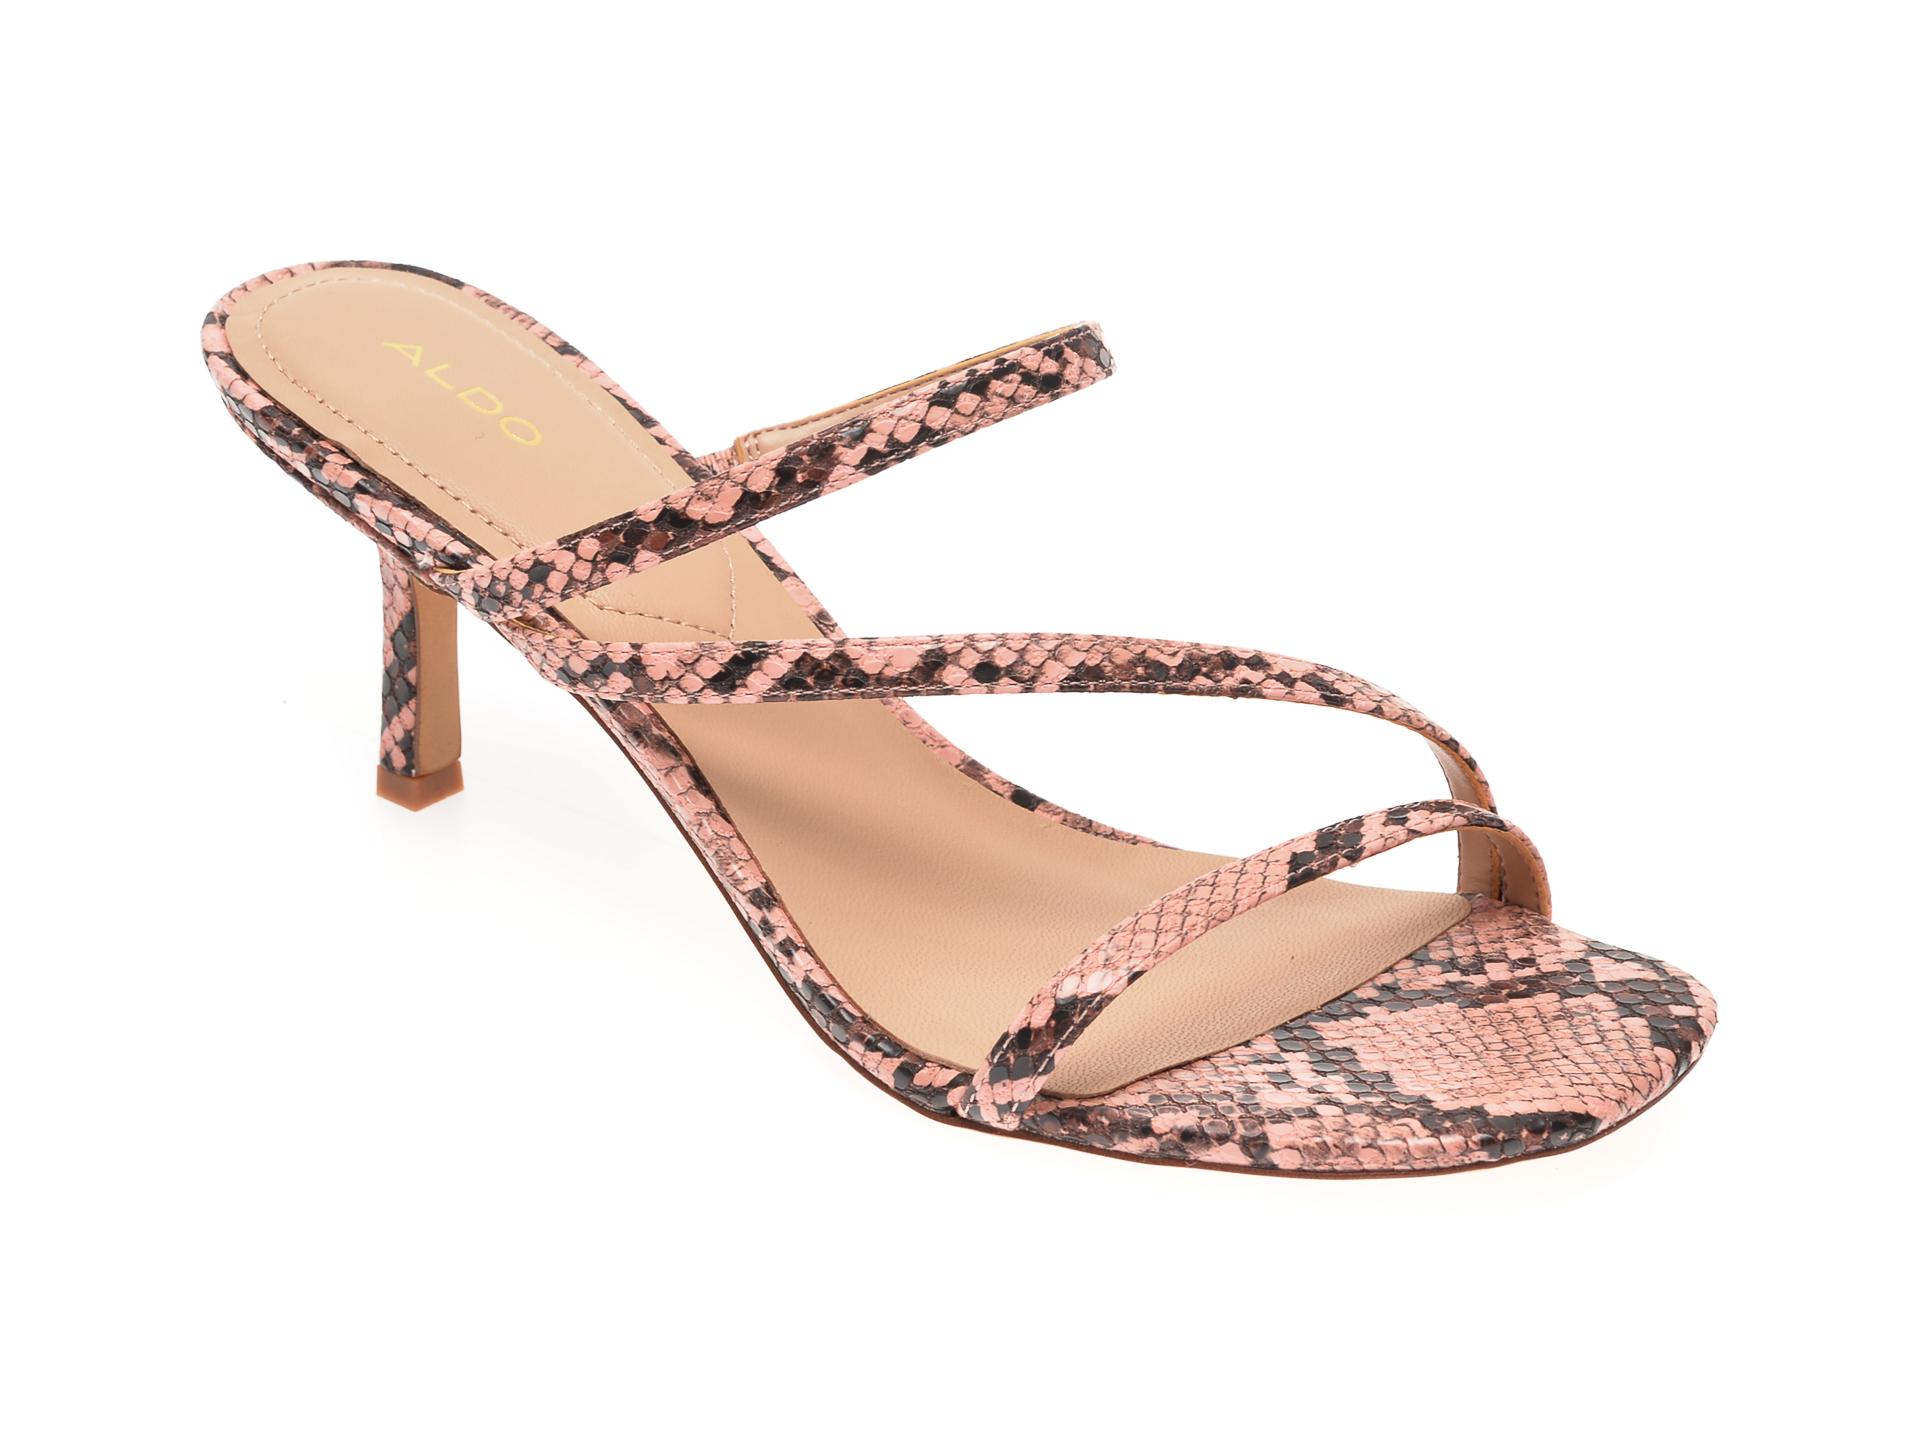 Papuci ALDO roz, Kaeidia650, din piele ecologica